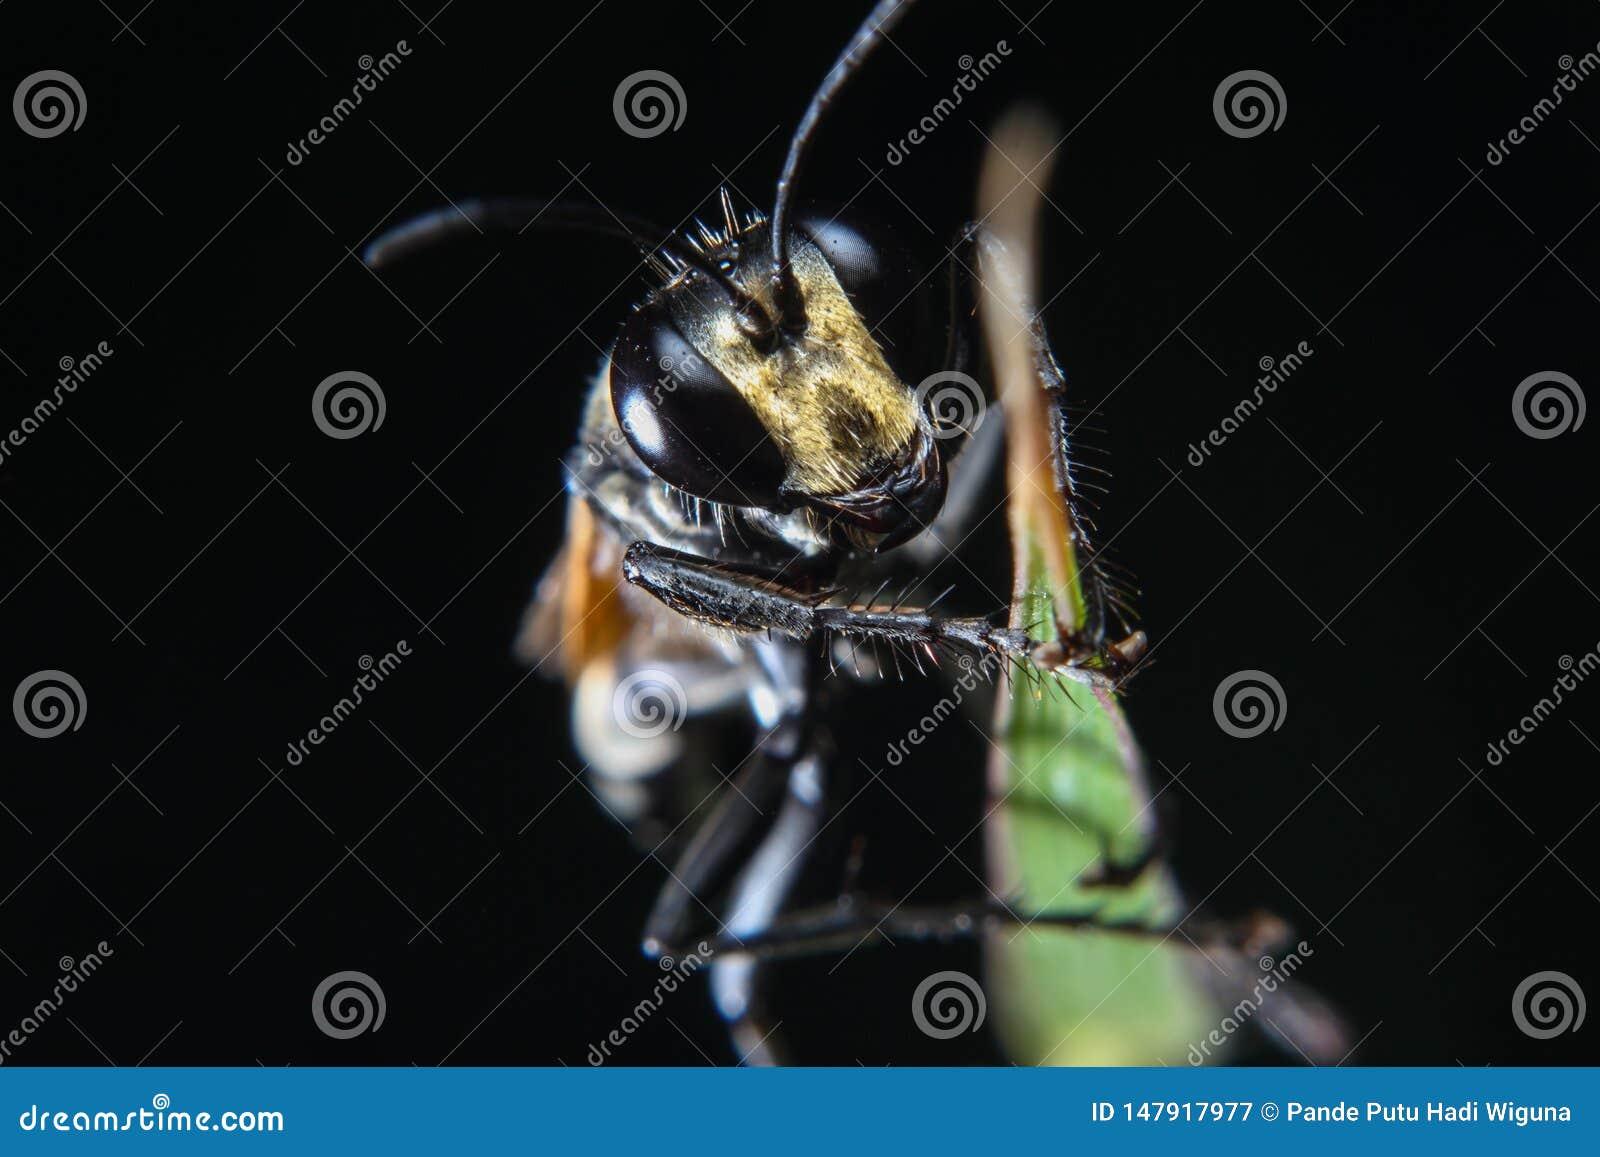 Uma foto macro do inseto da abelha preta na folha verde com fundo preto isolado